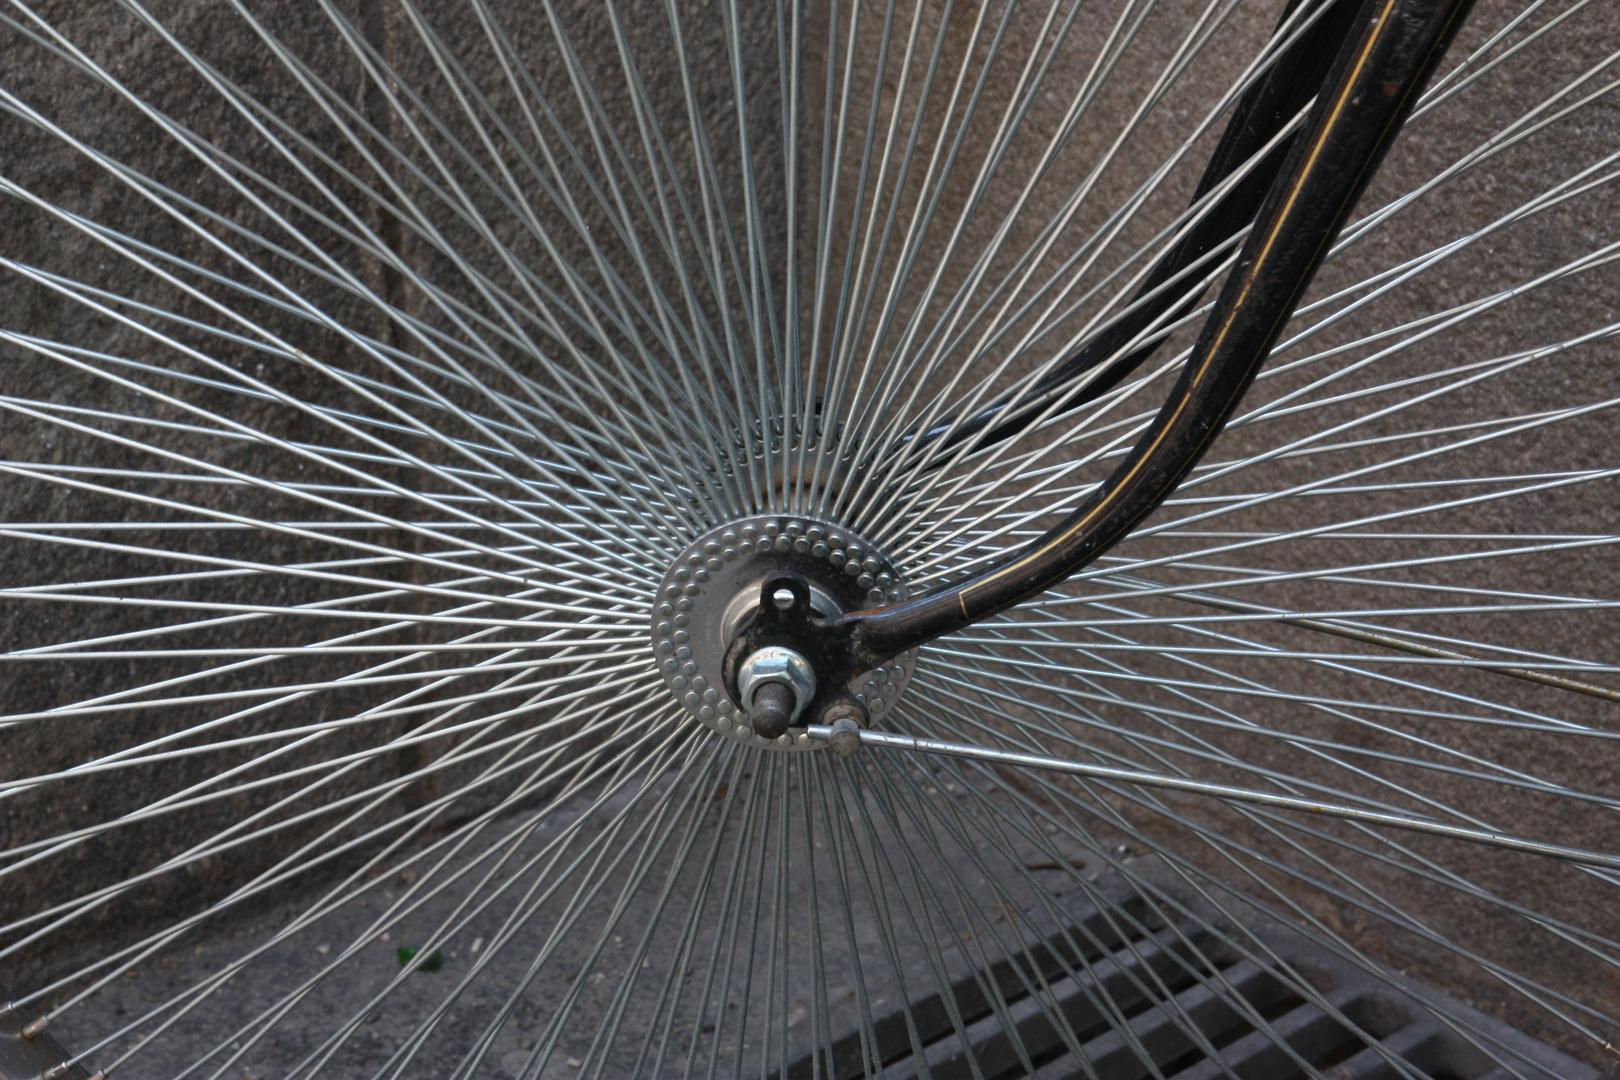 Seltene Anzahl von Chromspeichen bei Fahrrad